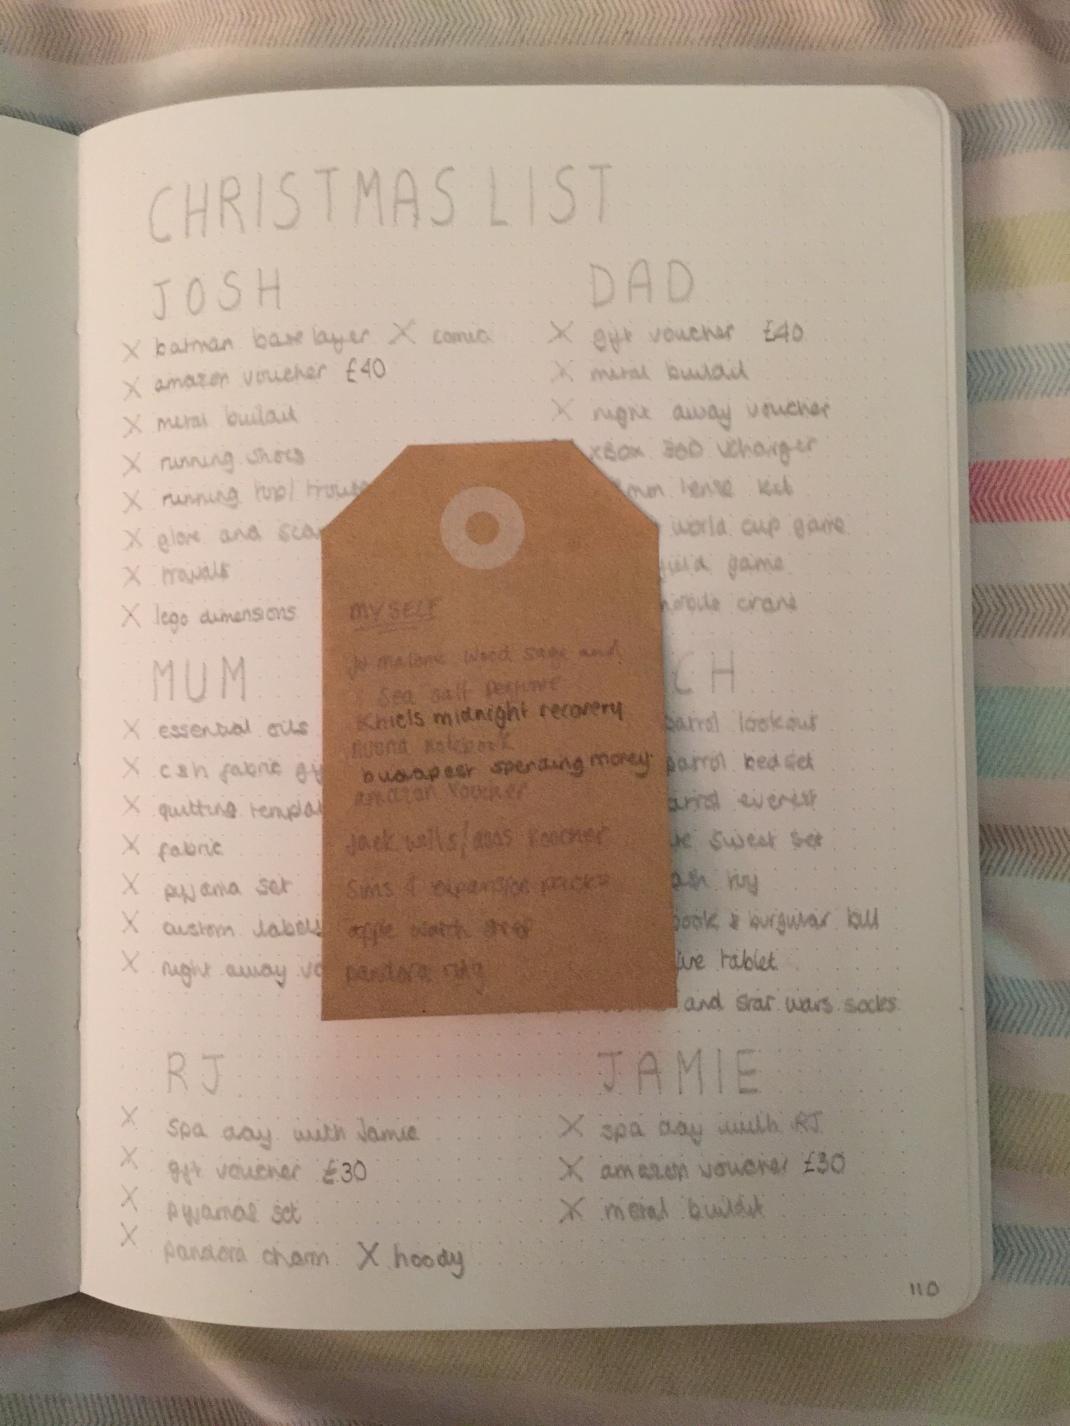 Christmas Gift List - November 2015